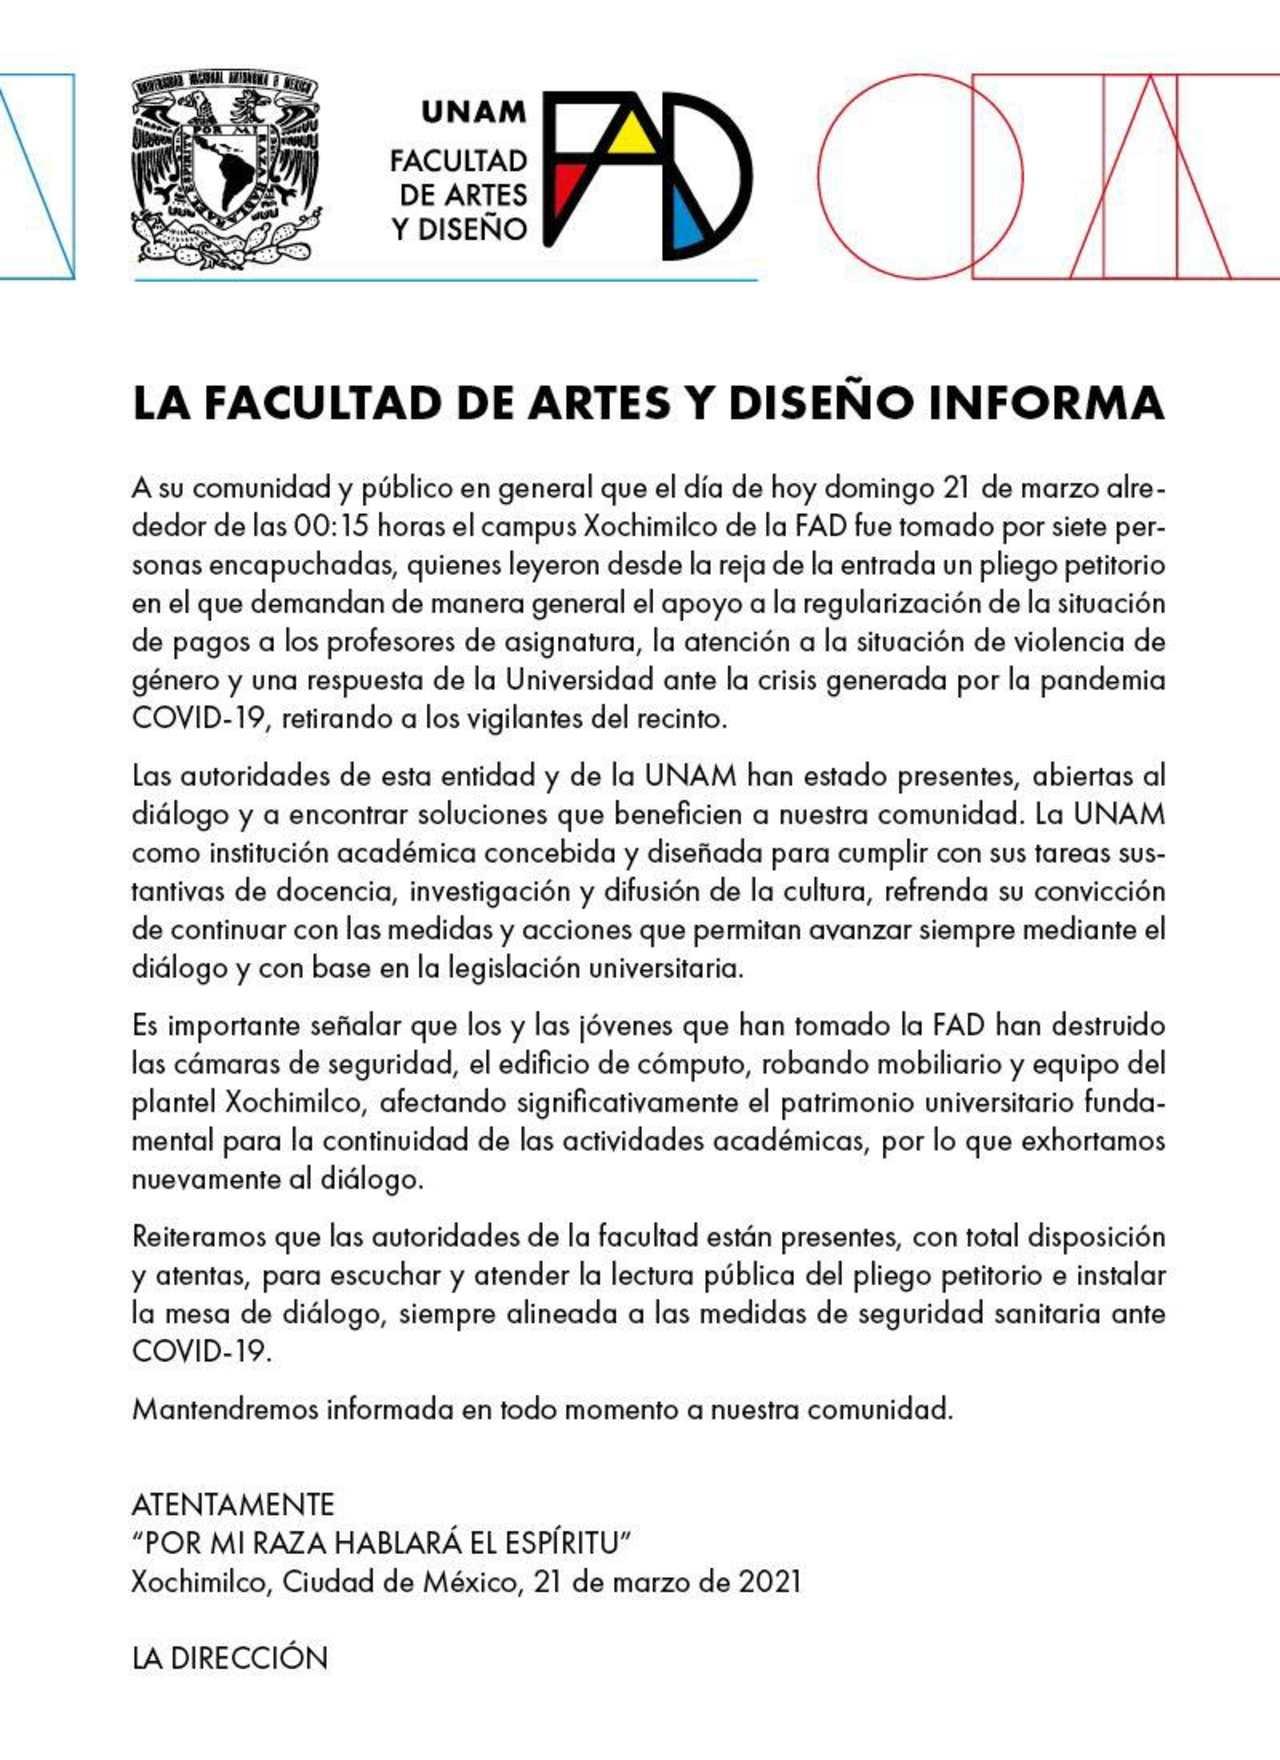 Encapuchados toman instalaciones Facultad de Artes y Diseño UNAM